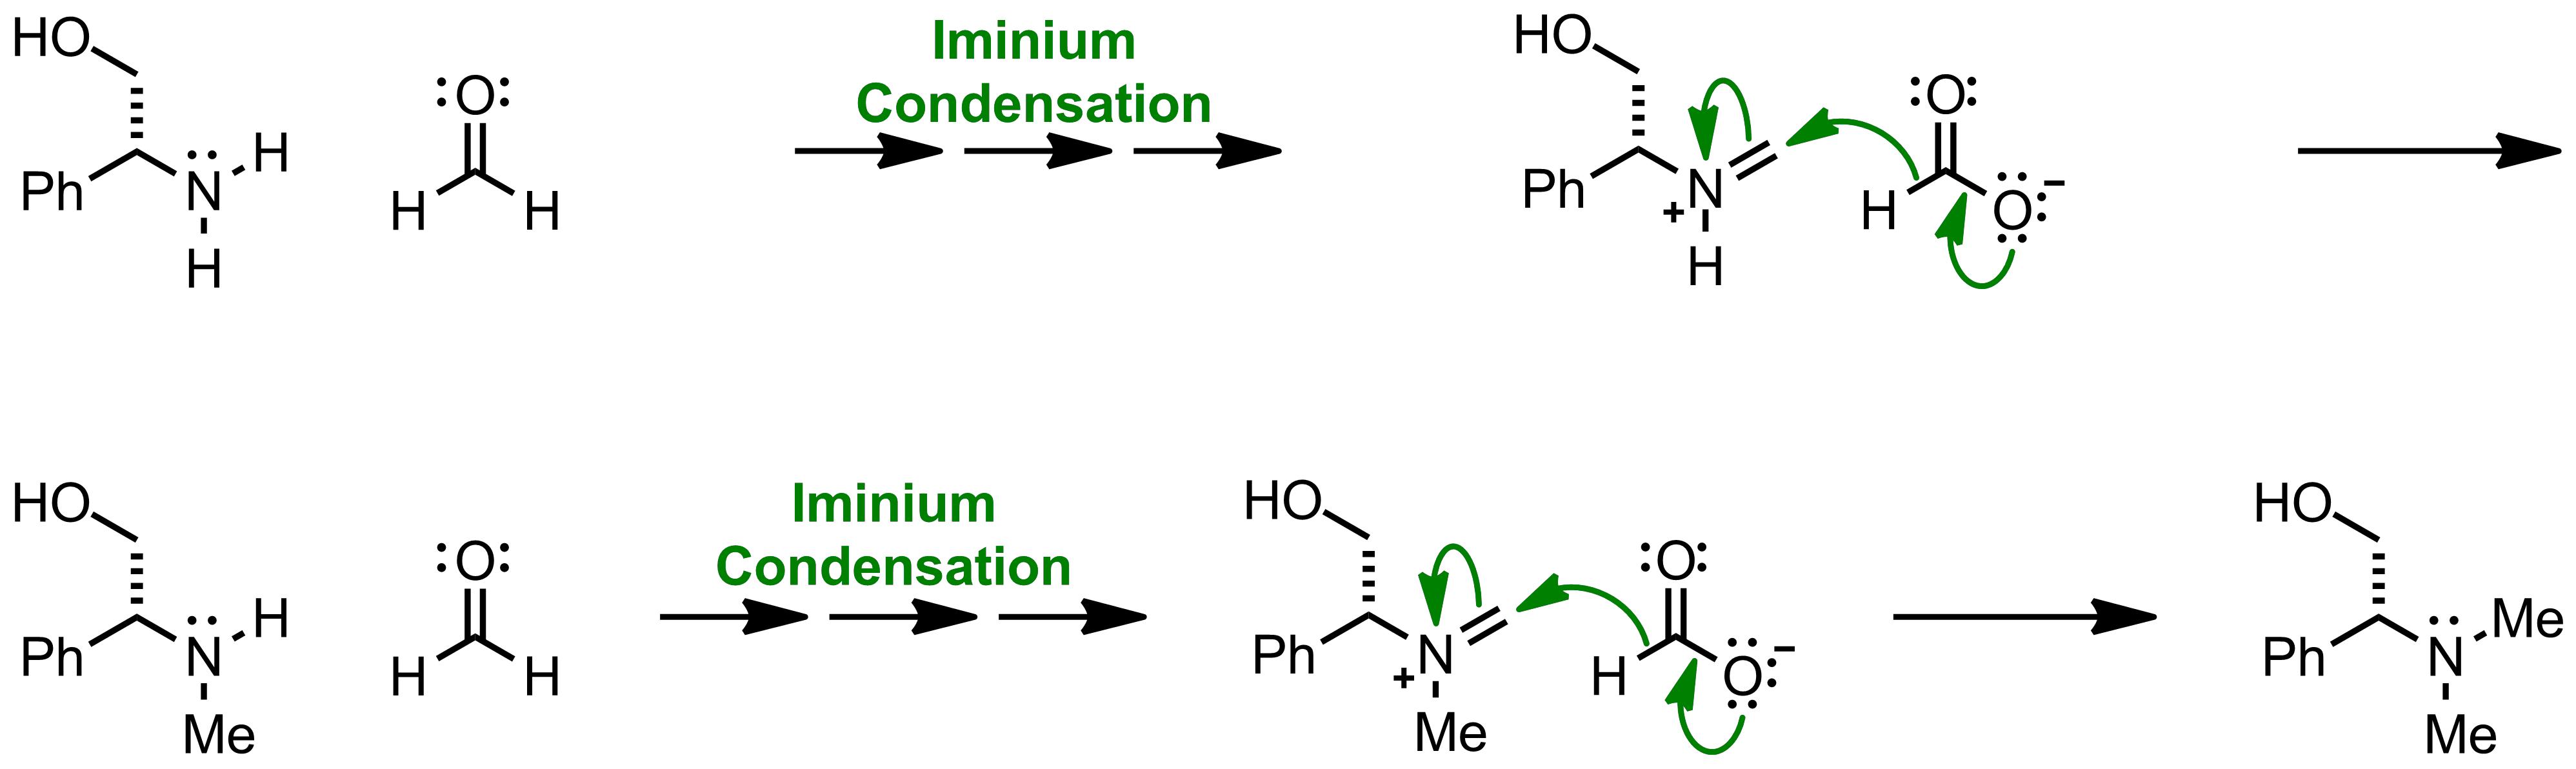 Mechanism of the Eschweiler-Clarke Reaction